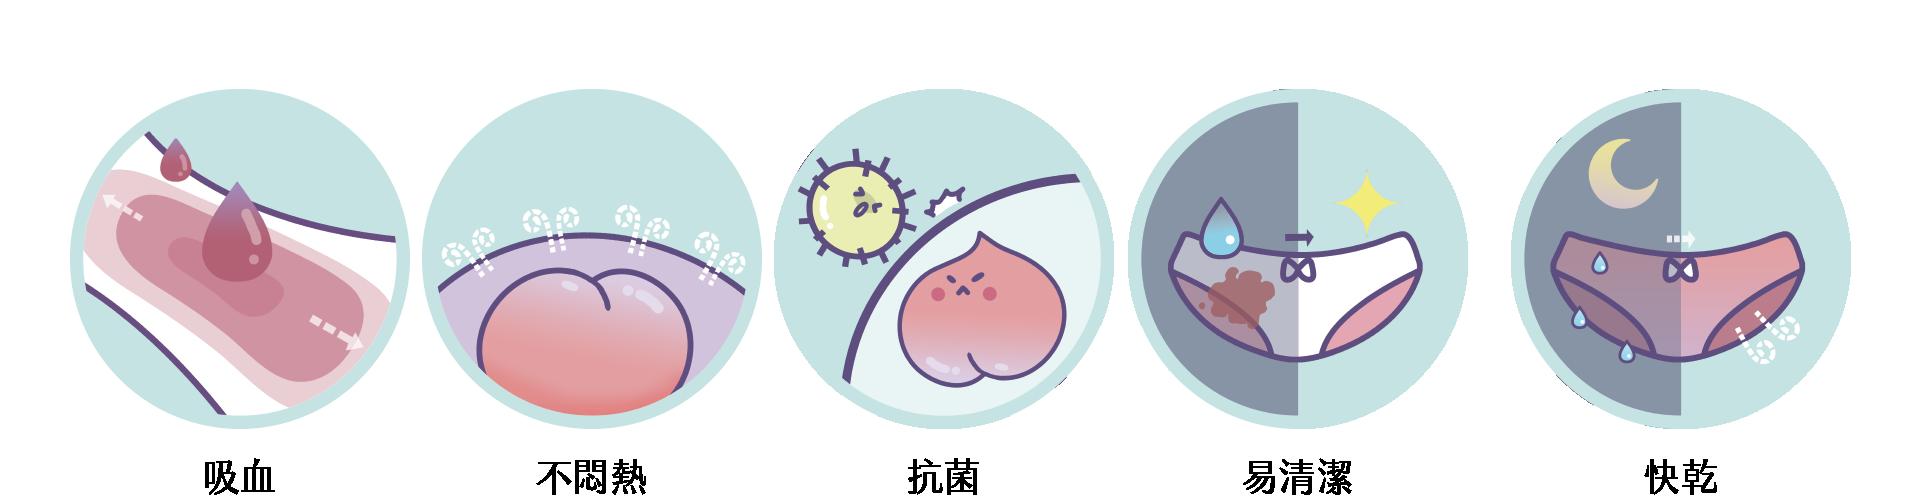 台湾吸血月亮裤 | 让妳用棉棉的日子,缩短 ½ 吸血月亮裤,月亮裤,生理期,卫生棉,外漏,防漏,棉条,月亮杯,月事内裤,生理裤,M巾